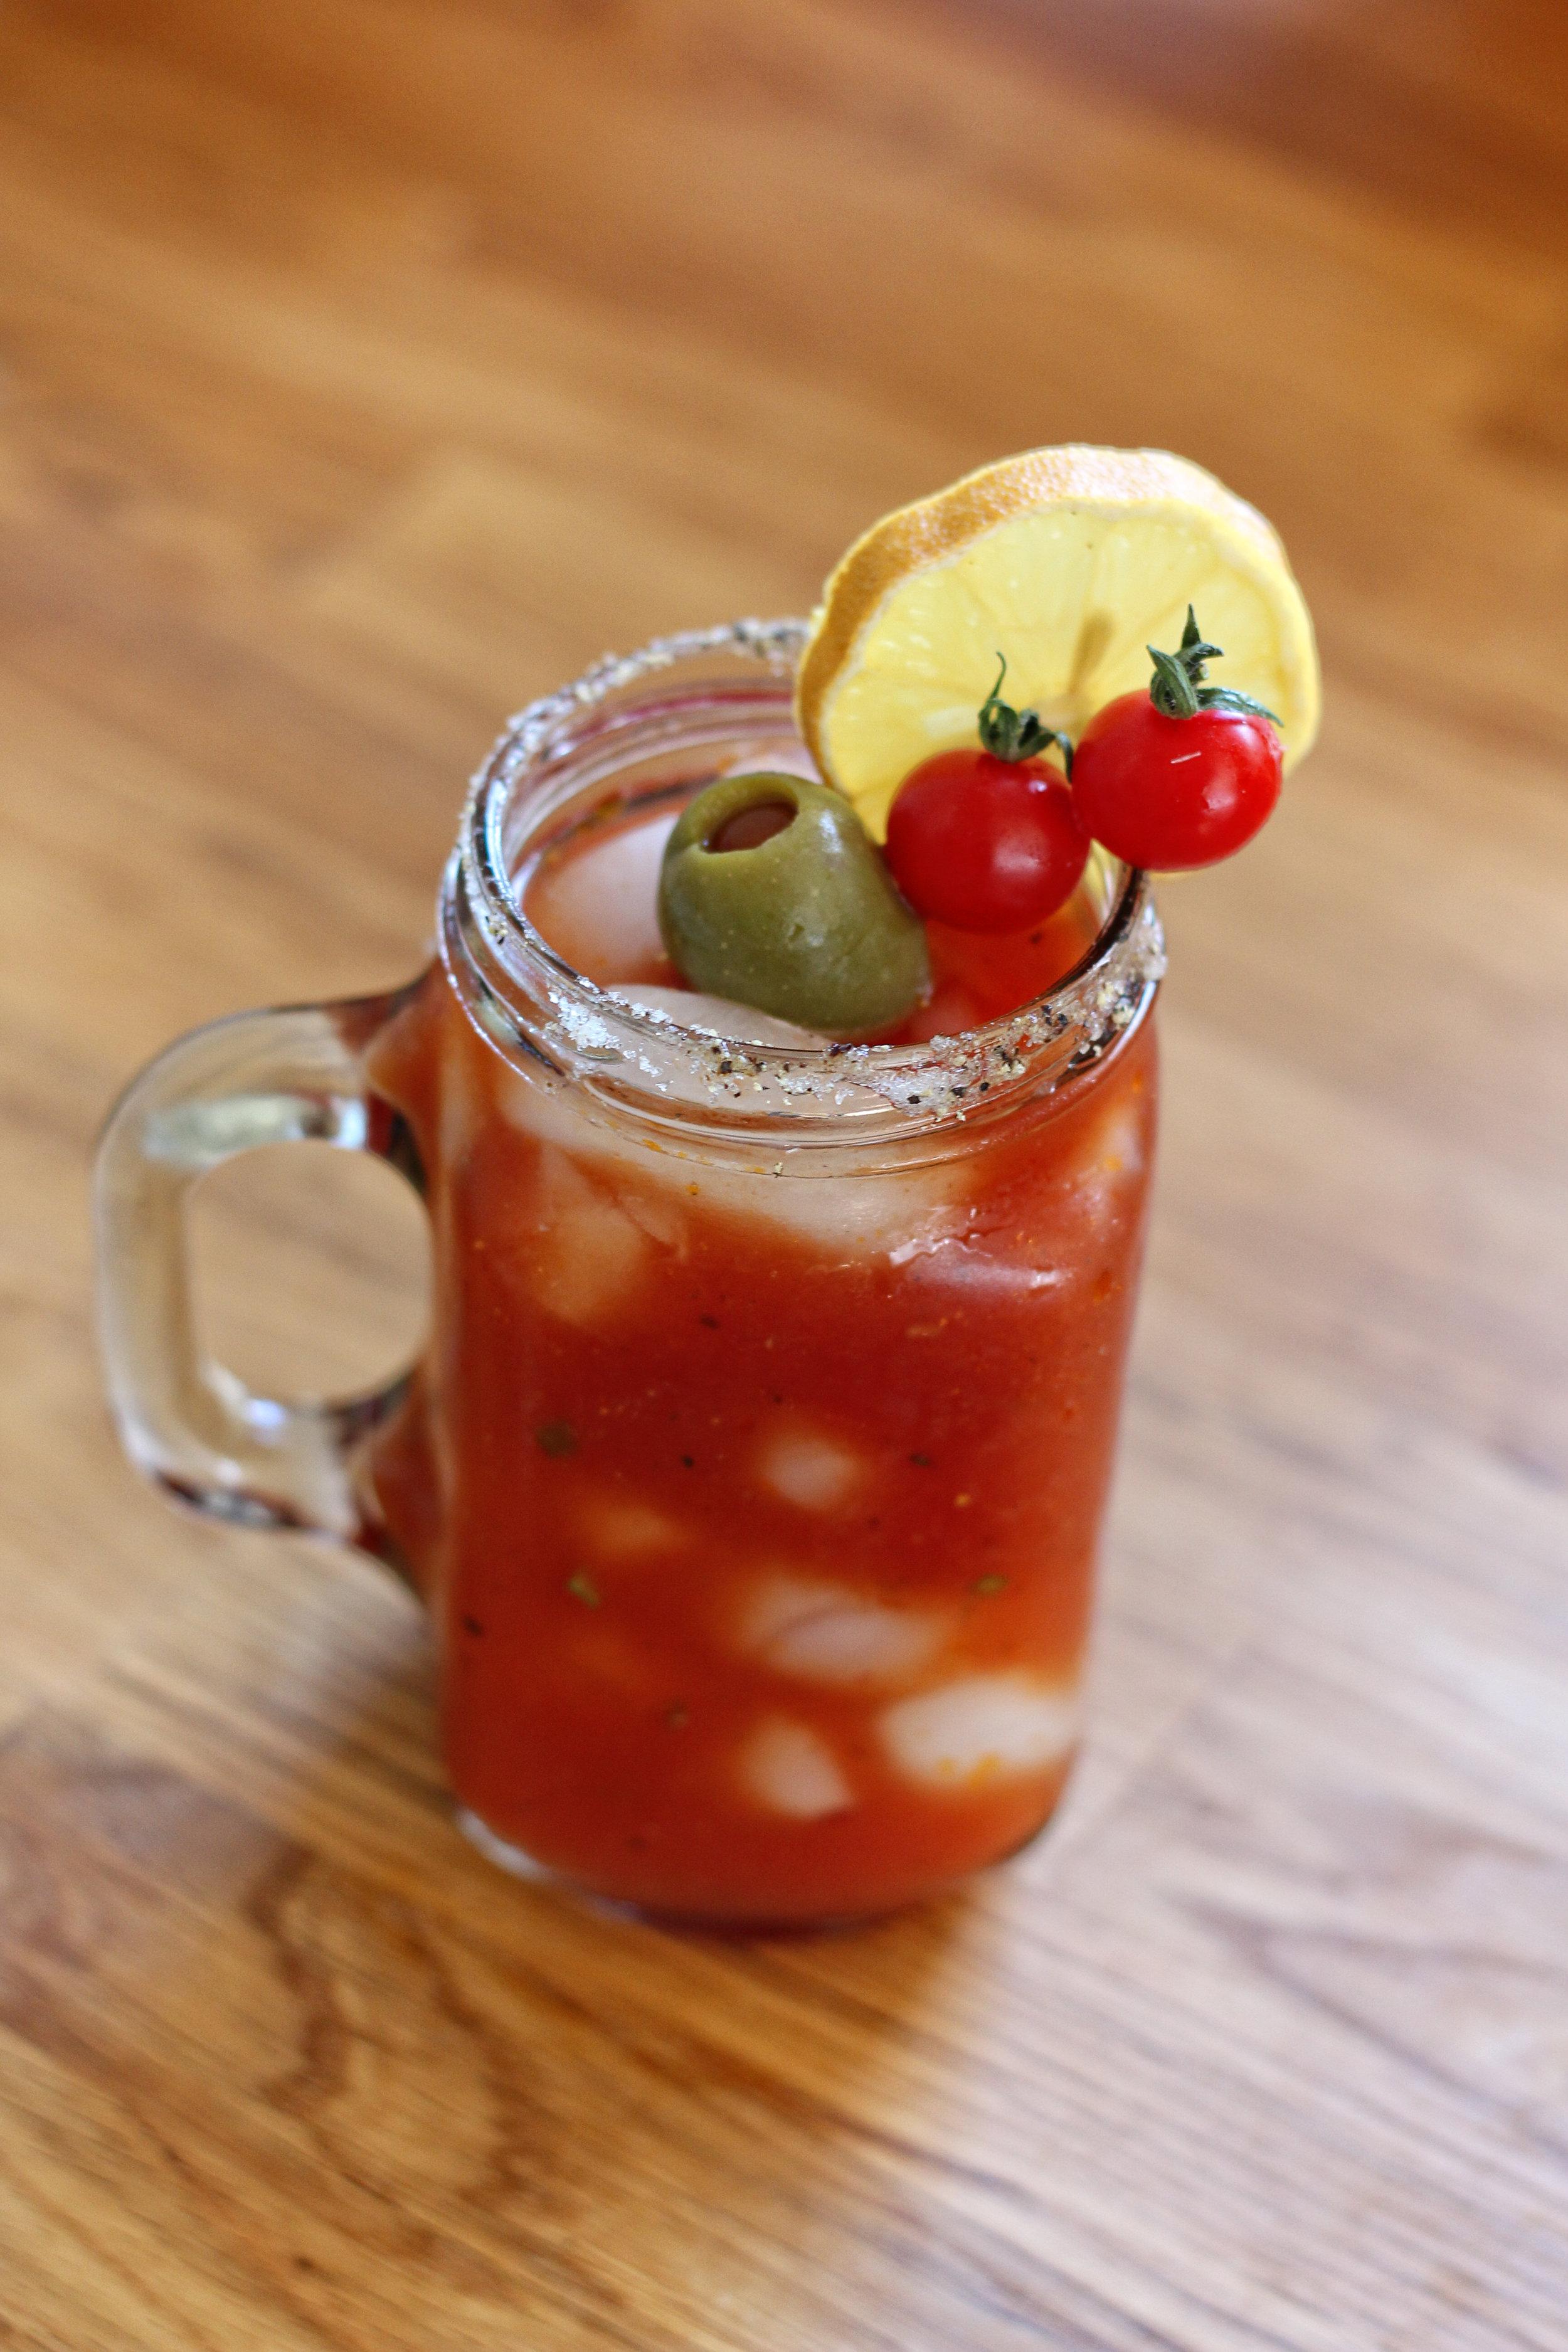 The Hot Italian Bloody Mary Recipe